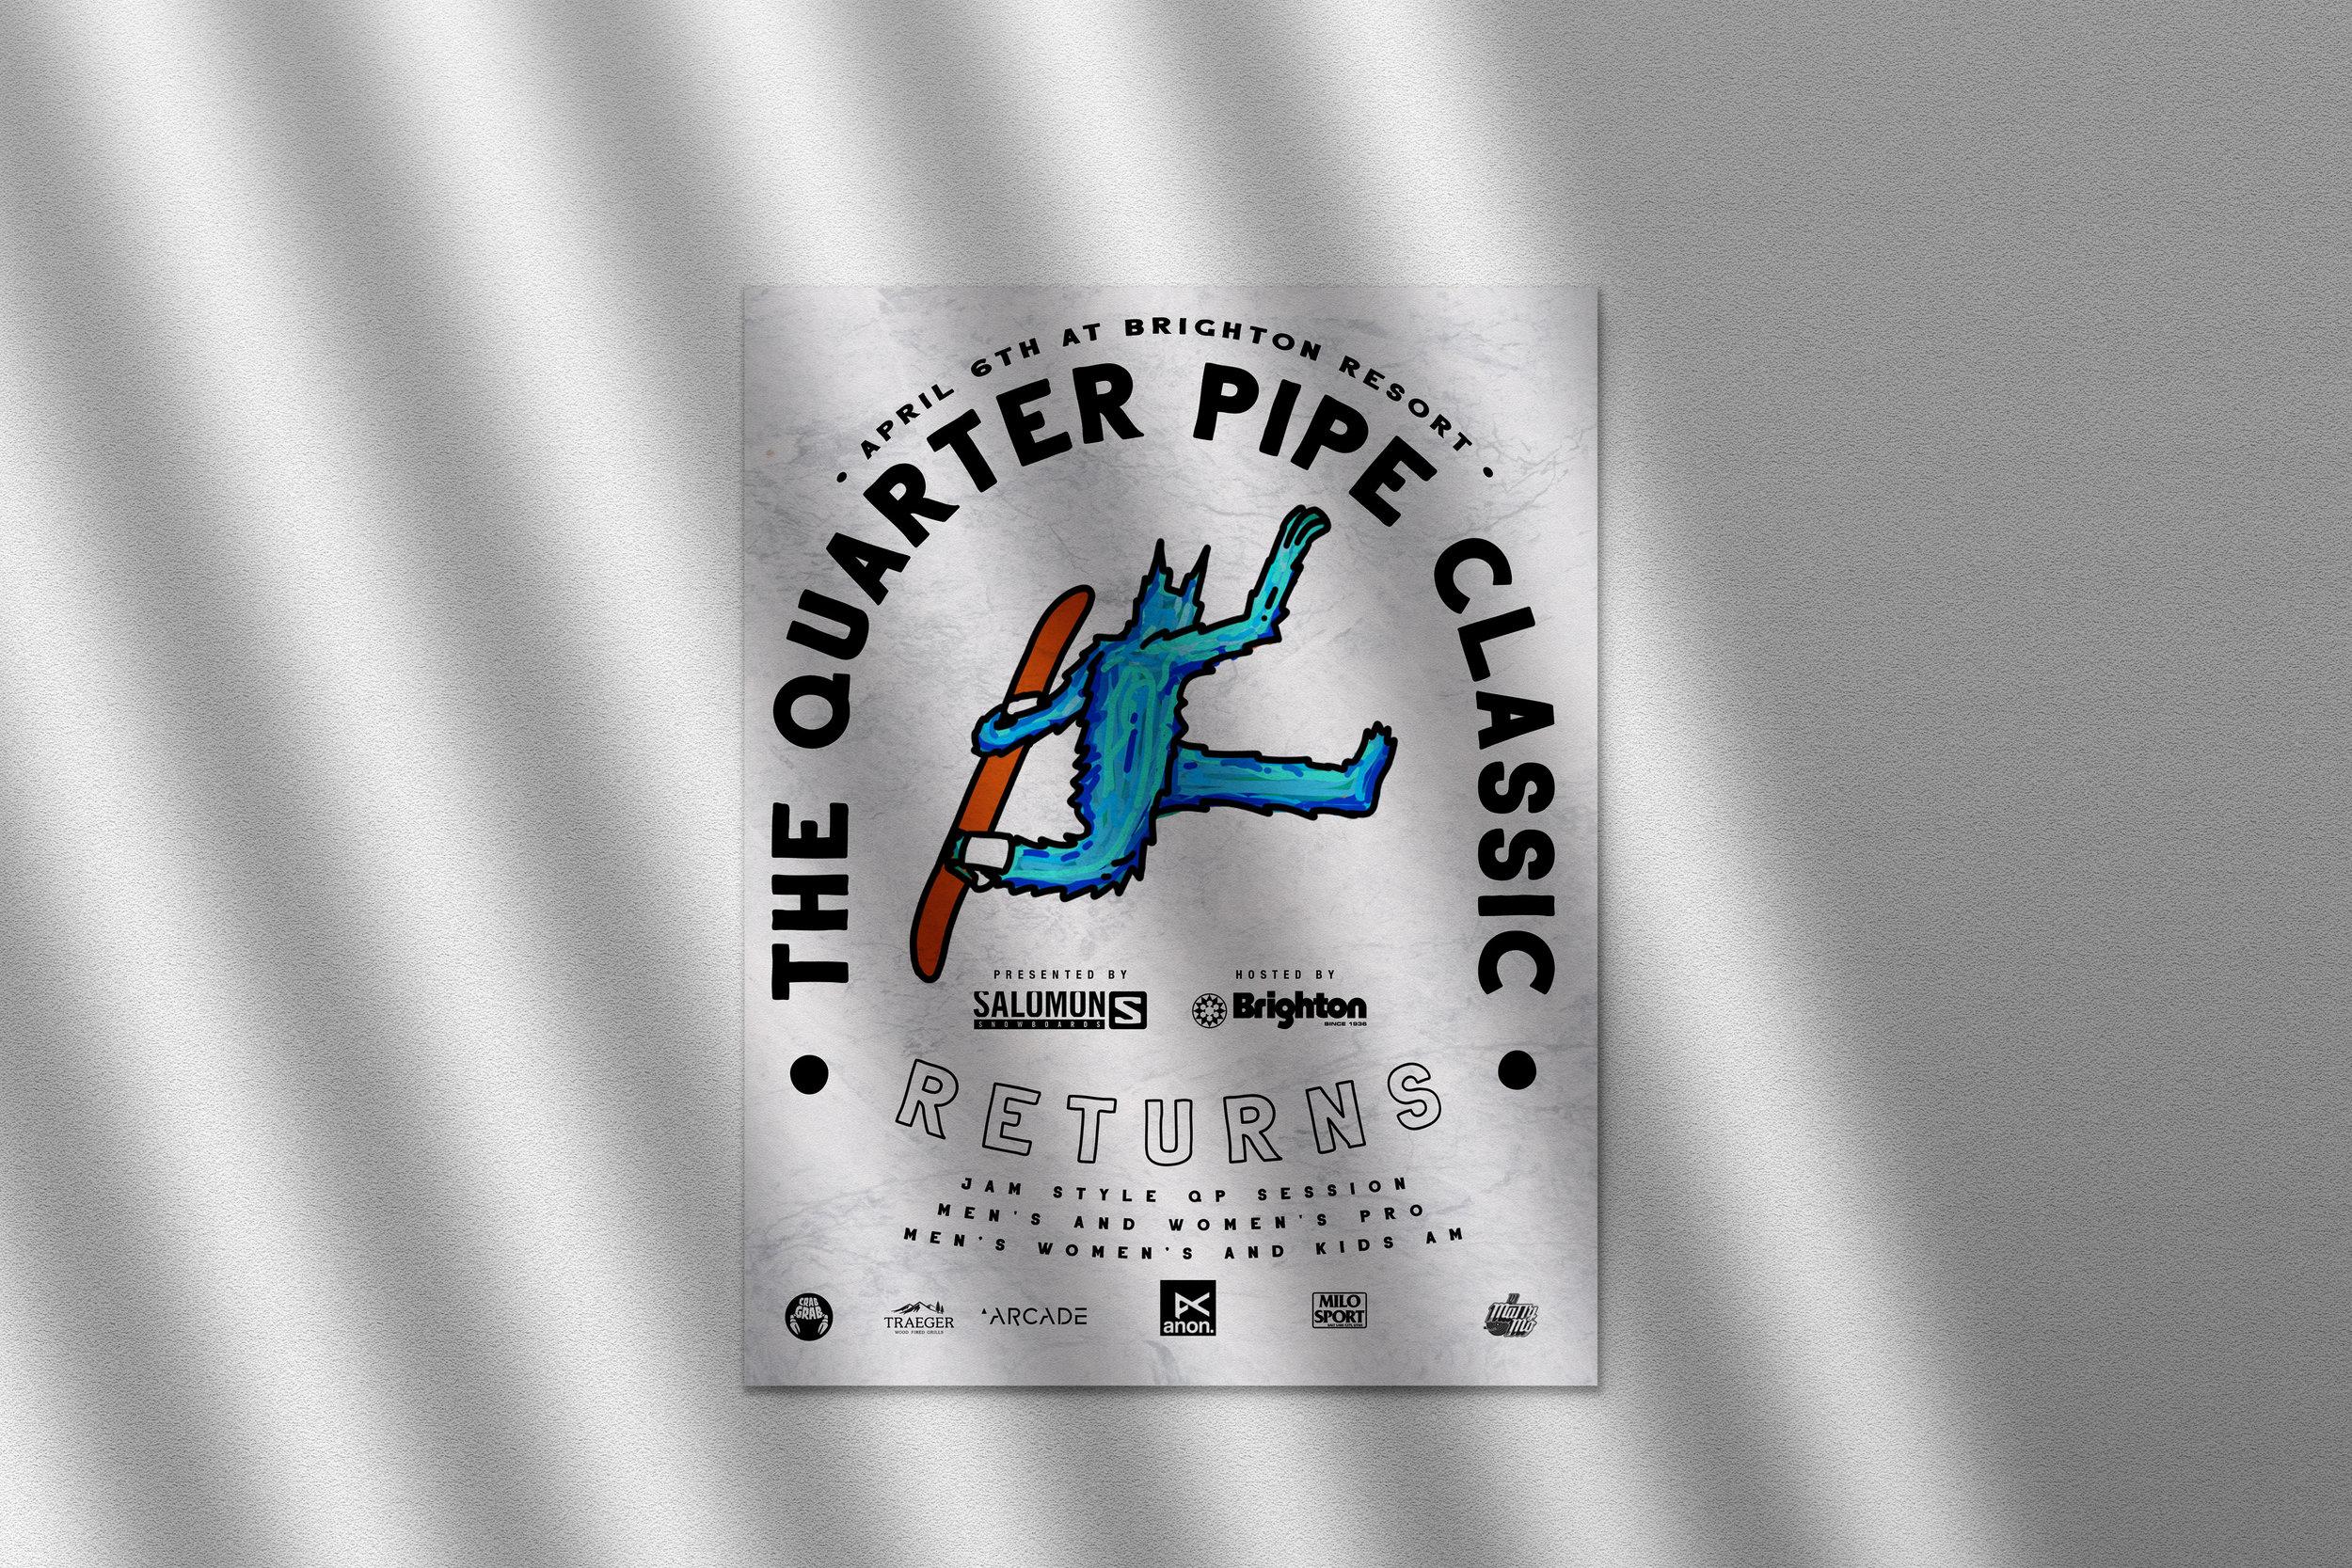 QuarterPipeClassic.jpg